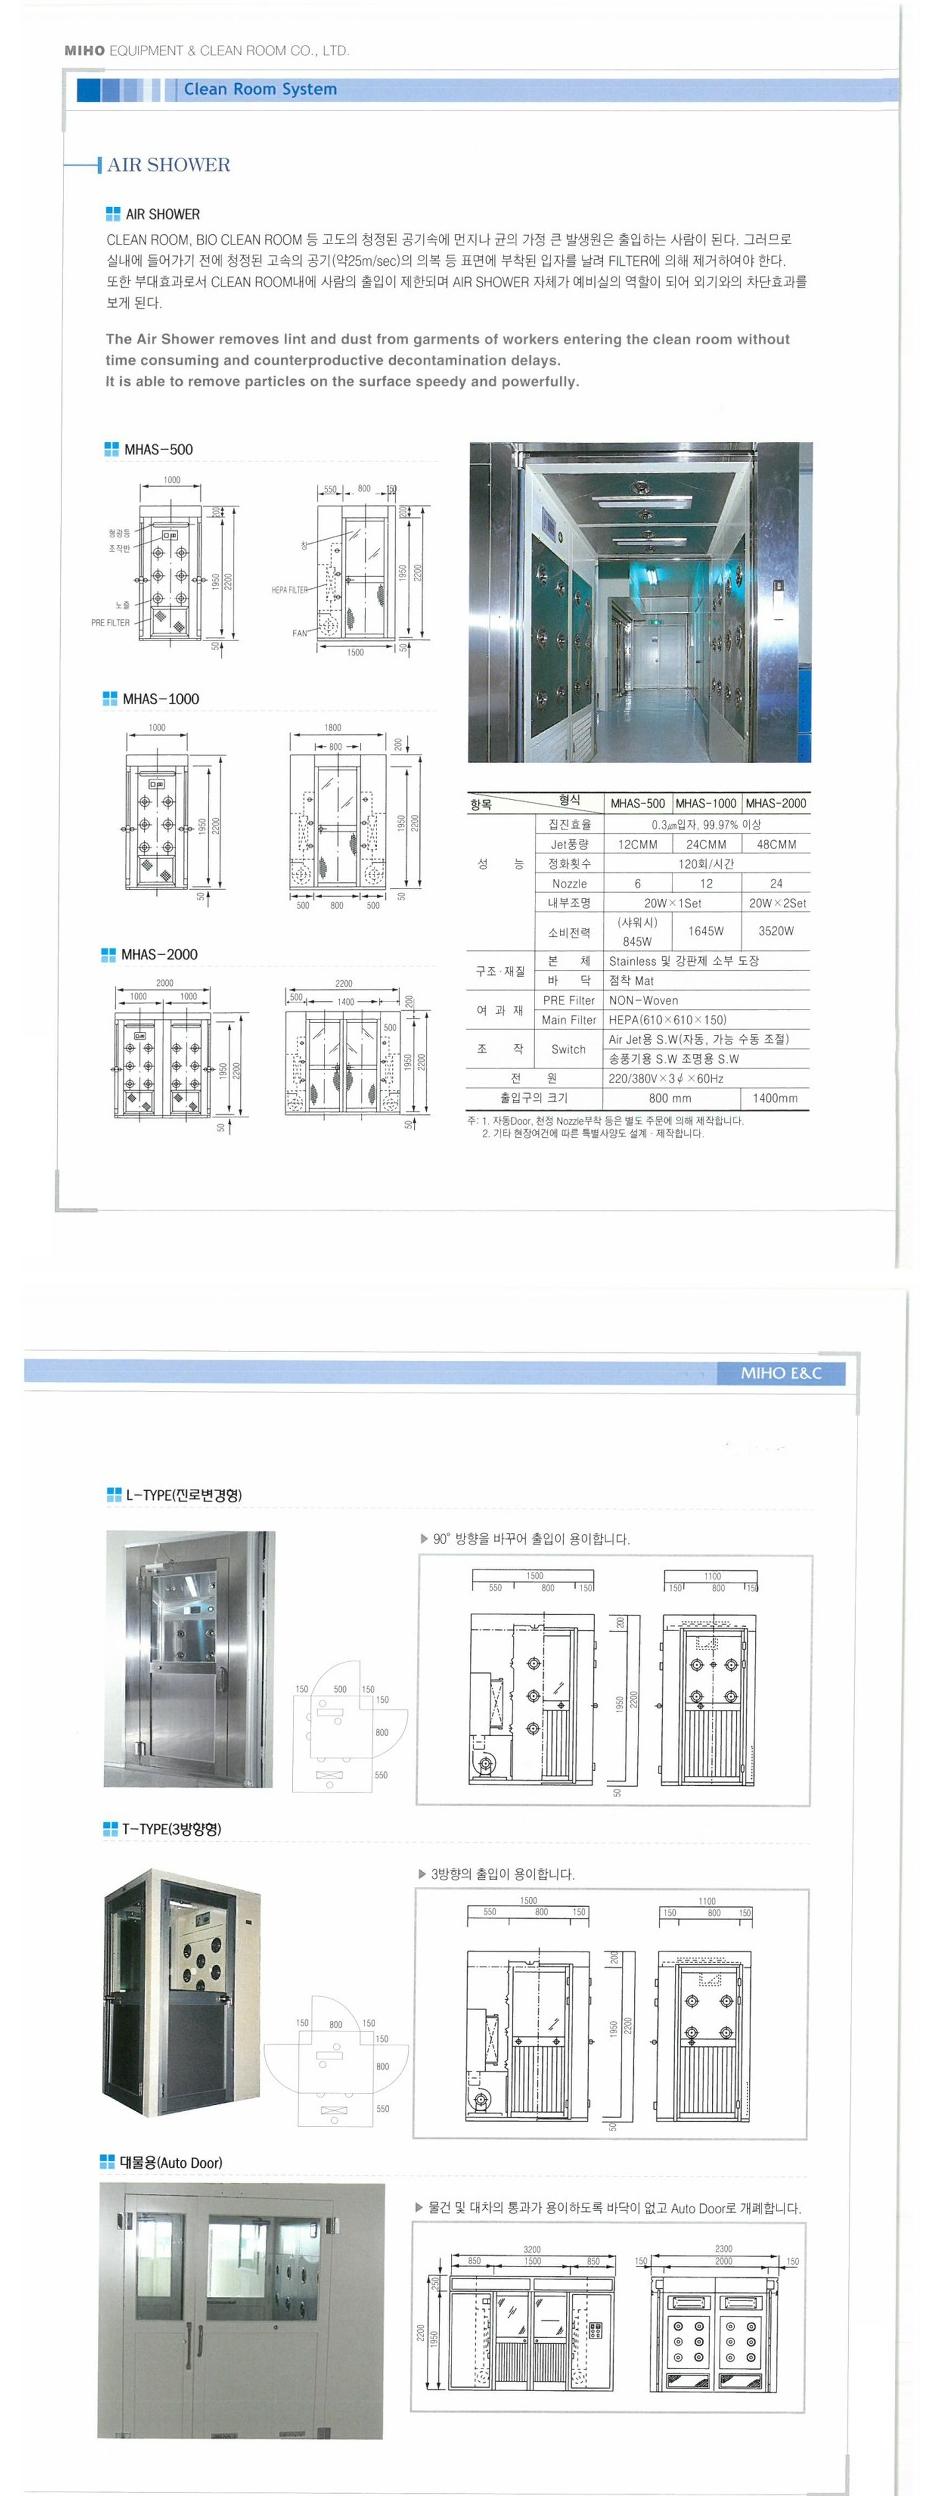 (주)미호이엔씨 에어샤워기 MHAS-Series